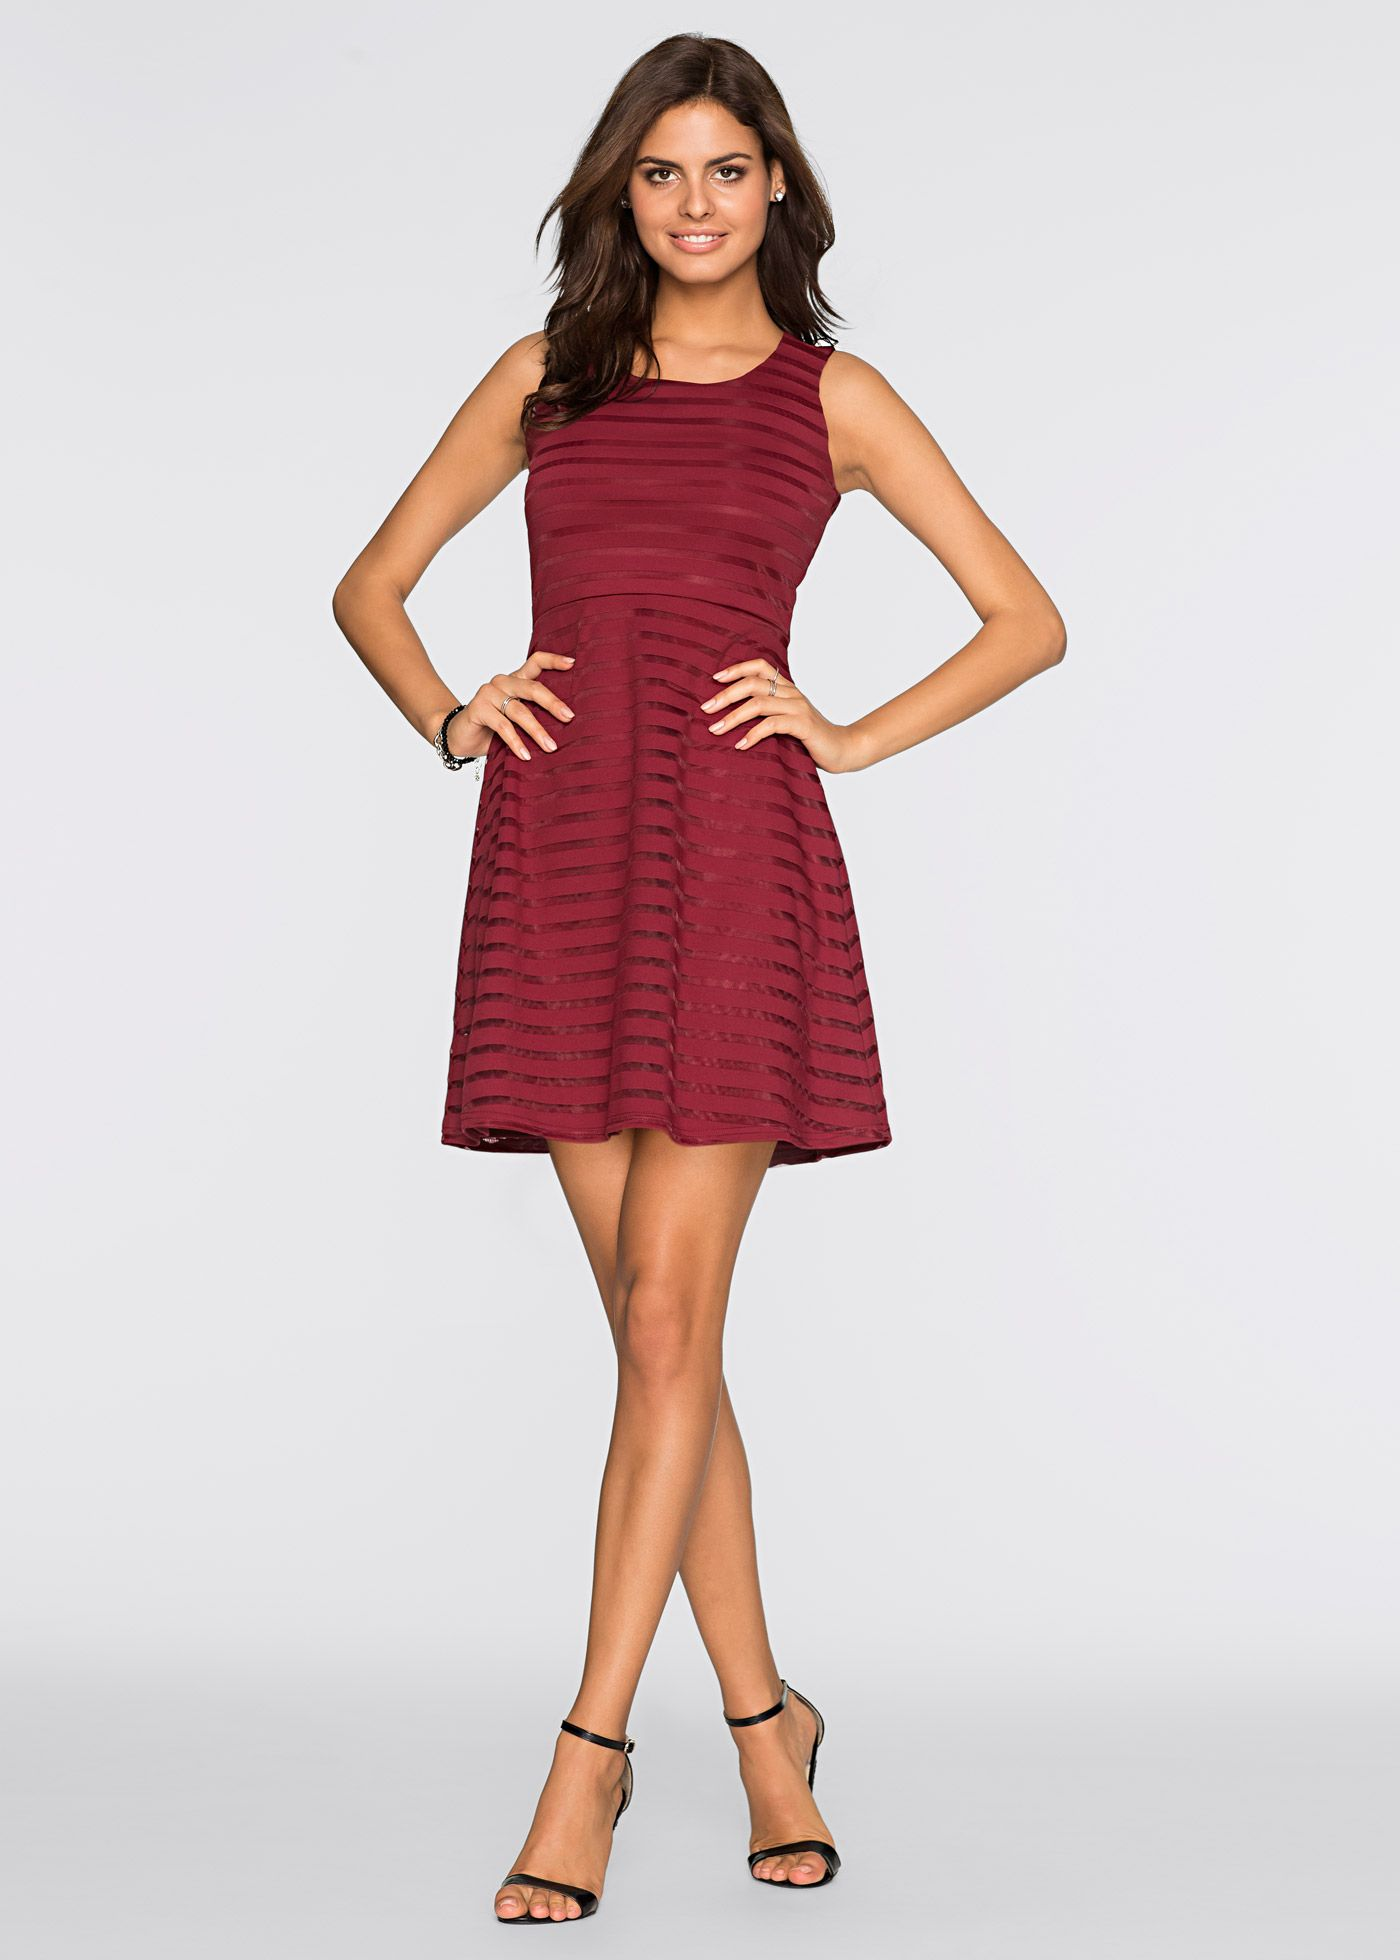 Ärmelloses Jersey Kleid im Streifendesign | Online shops, Klassisch ...